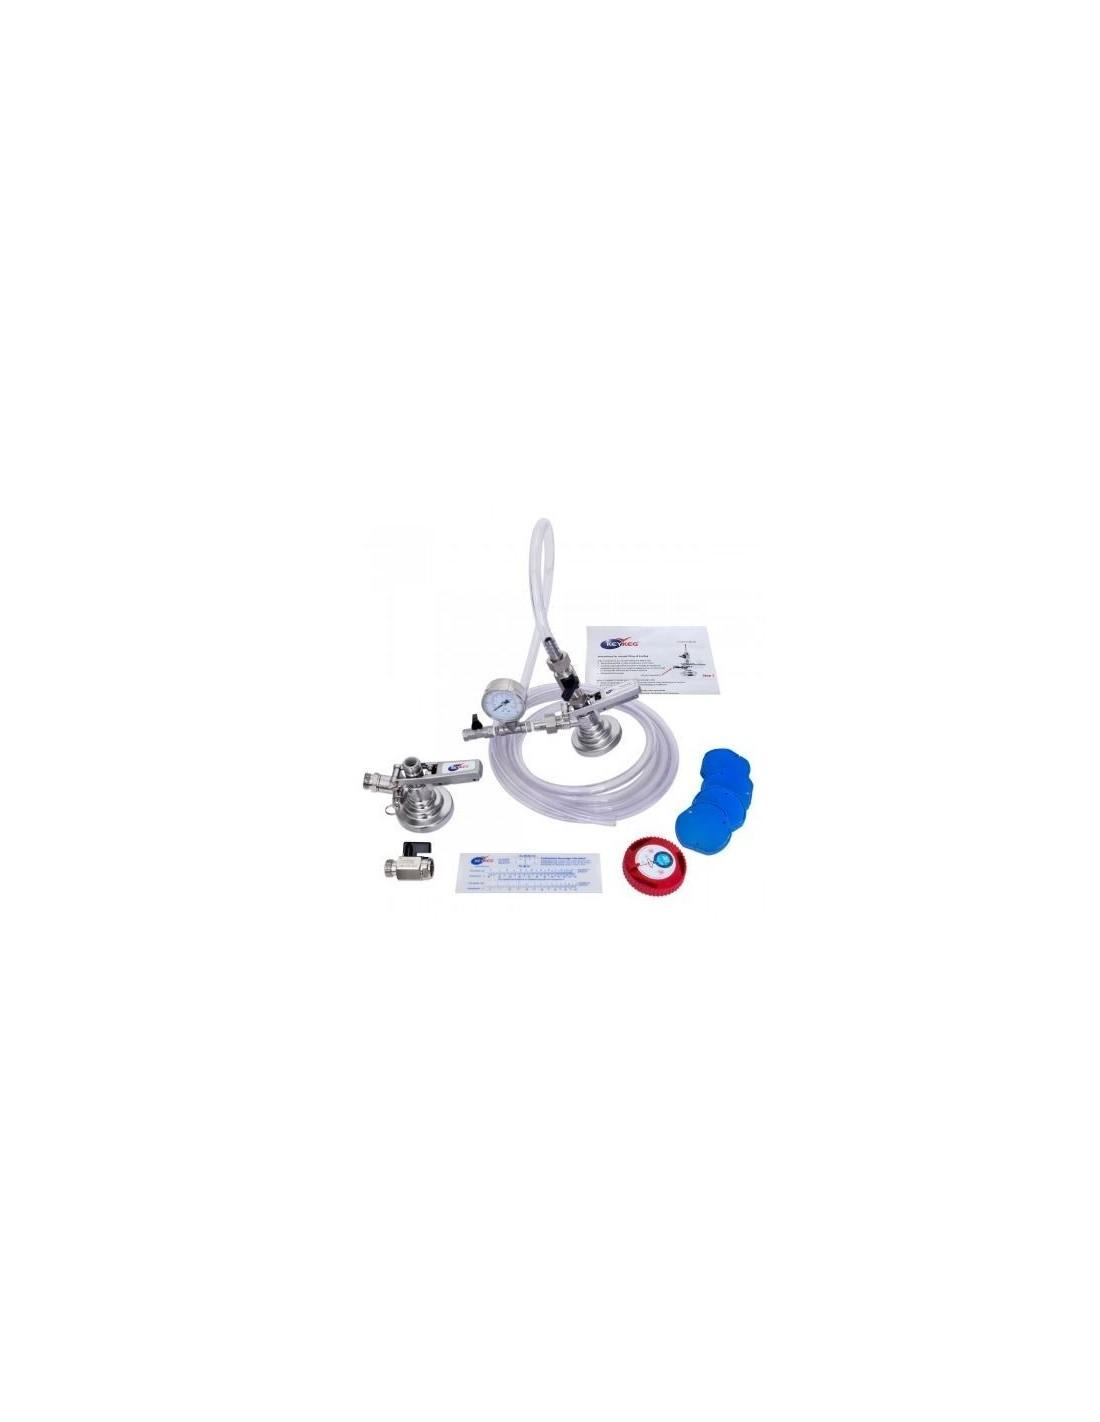 UPP00082 - Fatkoppling - Fyllningspaket Typ Keykeg för manuell fyllning av fat